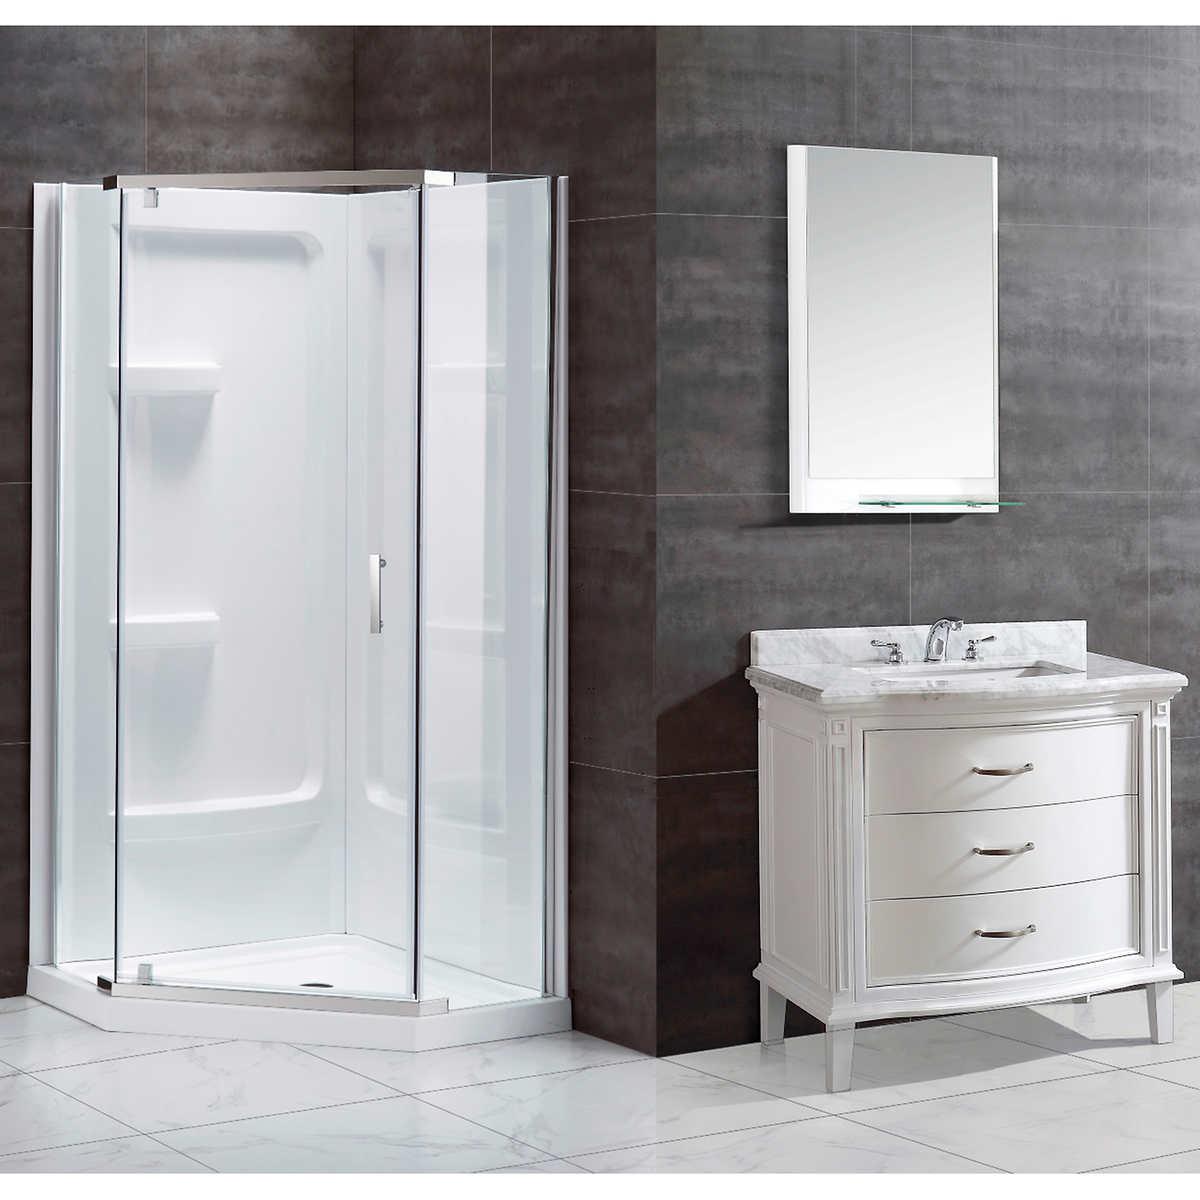 Ove Decors Shower Doors Ove Decors Christelle 36 Corner Shower Kit